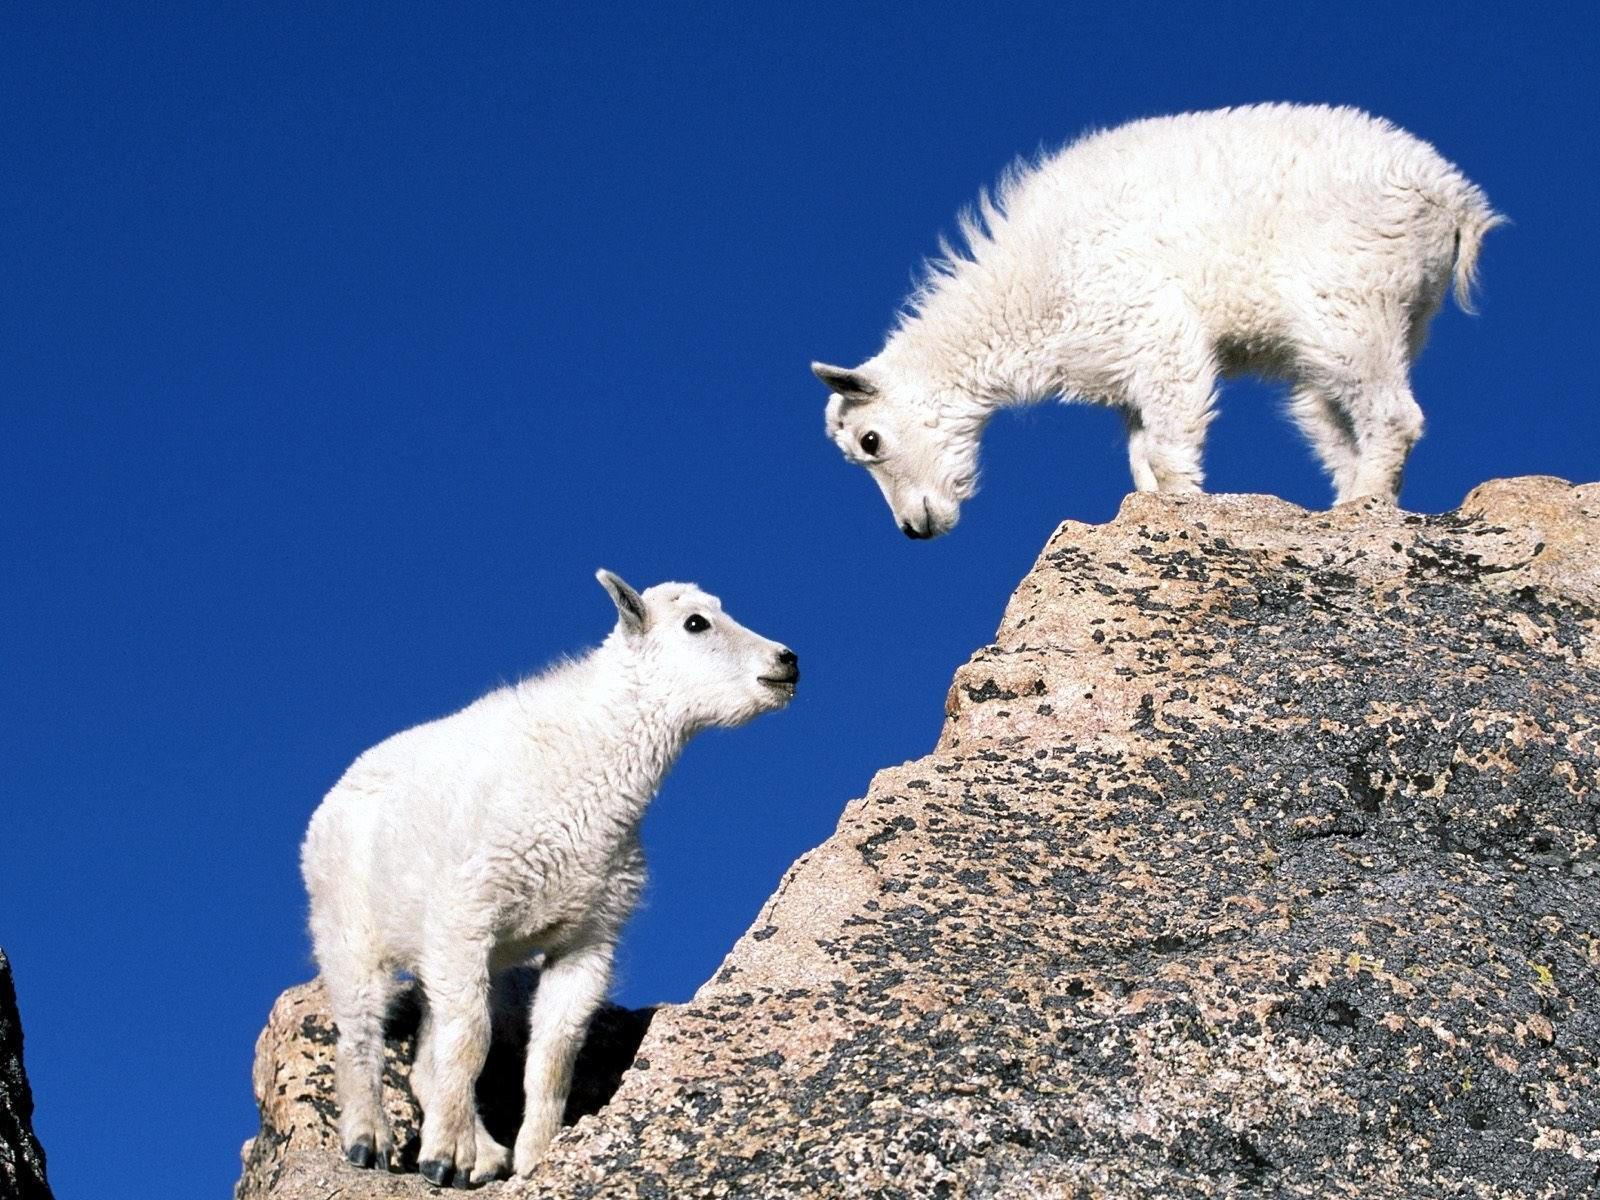 год козы обои на рабочий стол № 528529 загрузить